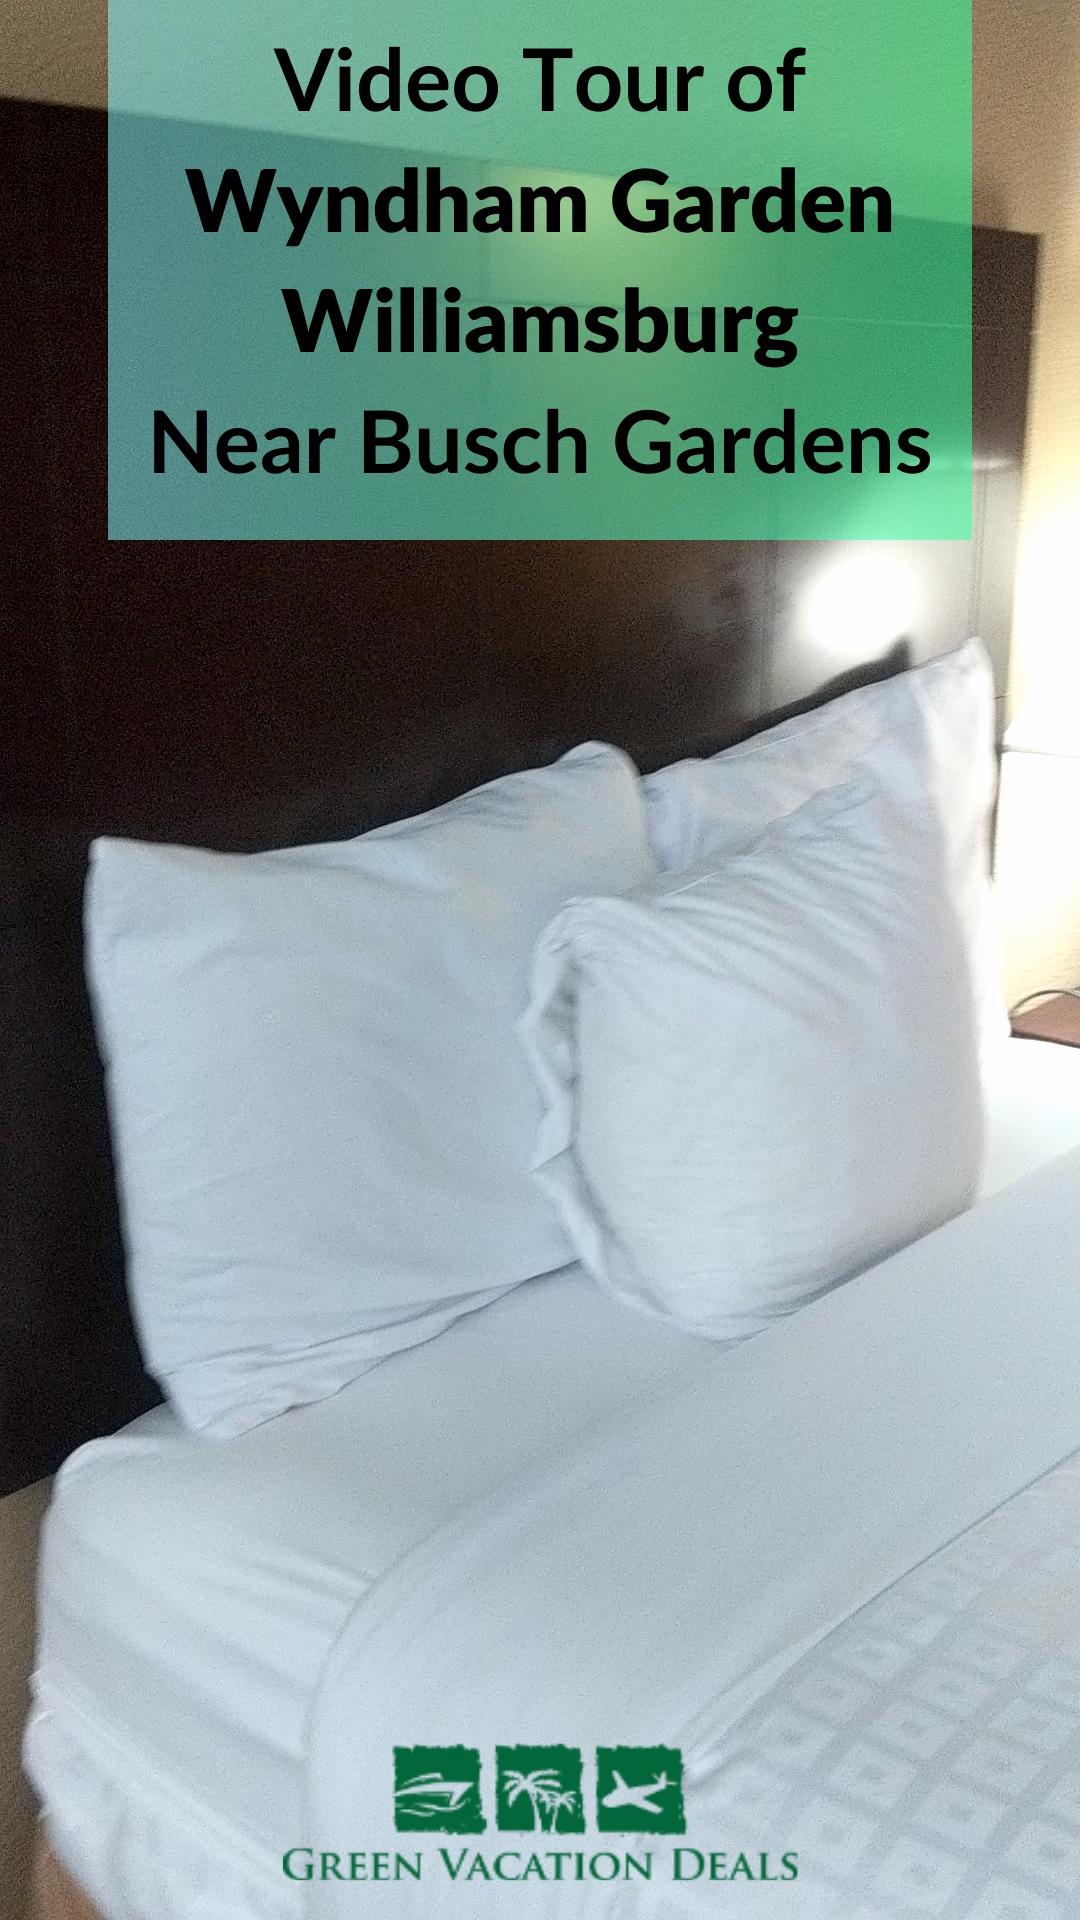 12555fc1f15014bfd59da183cfccfa5a - Wyndham Garden Hotel Busch Gardens Williamsburg